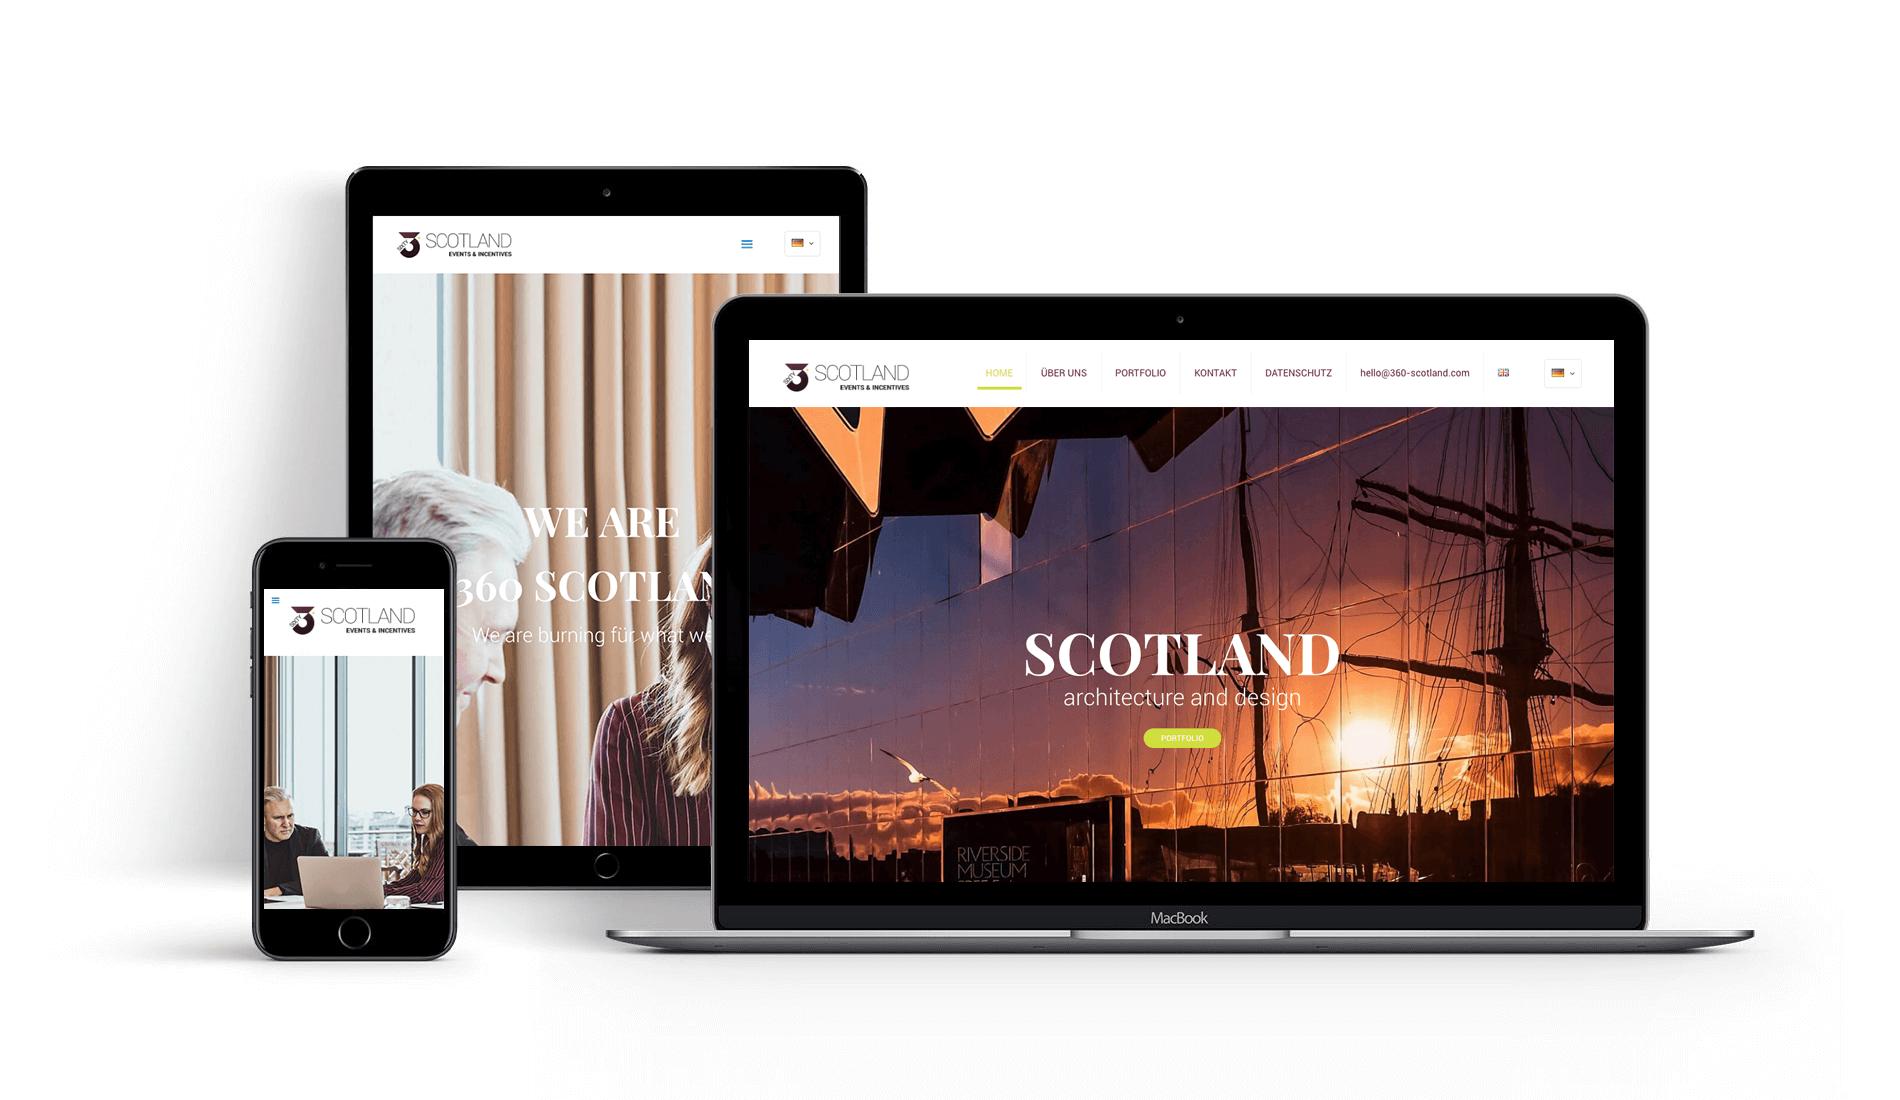 Webauftritt 360 Scotland